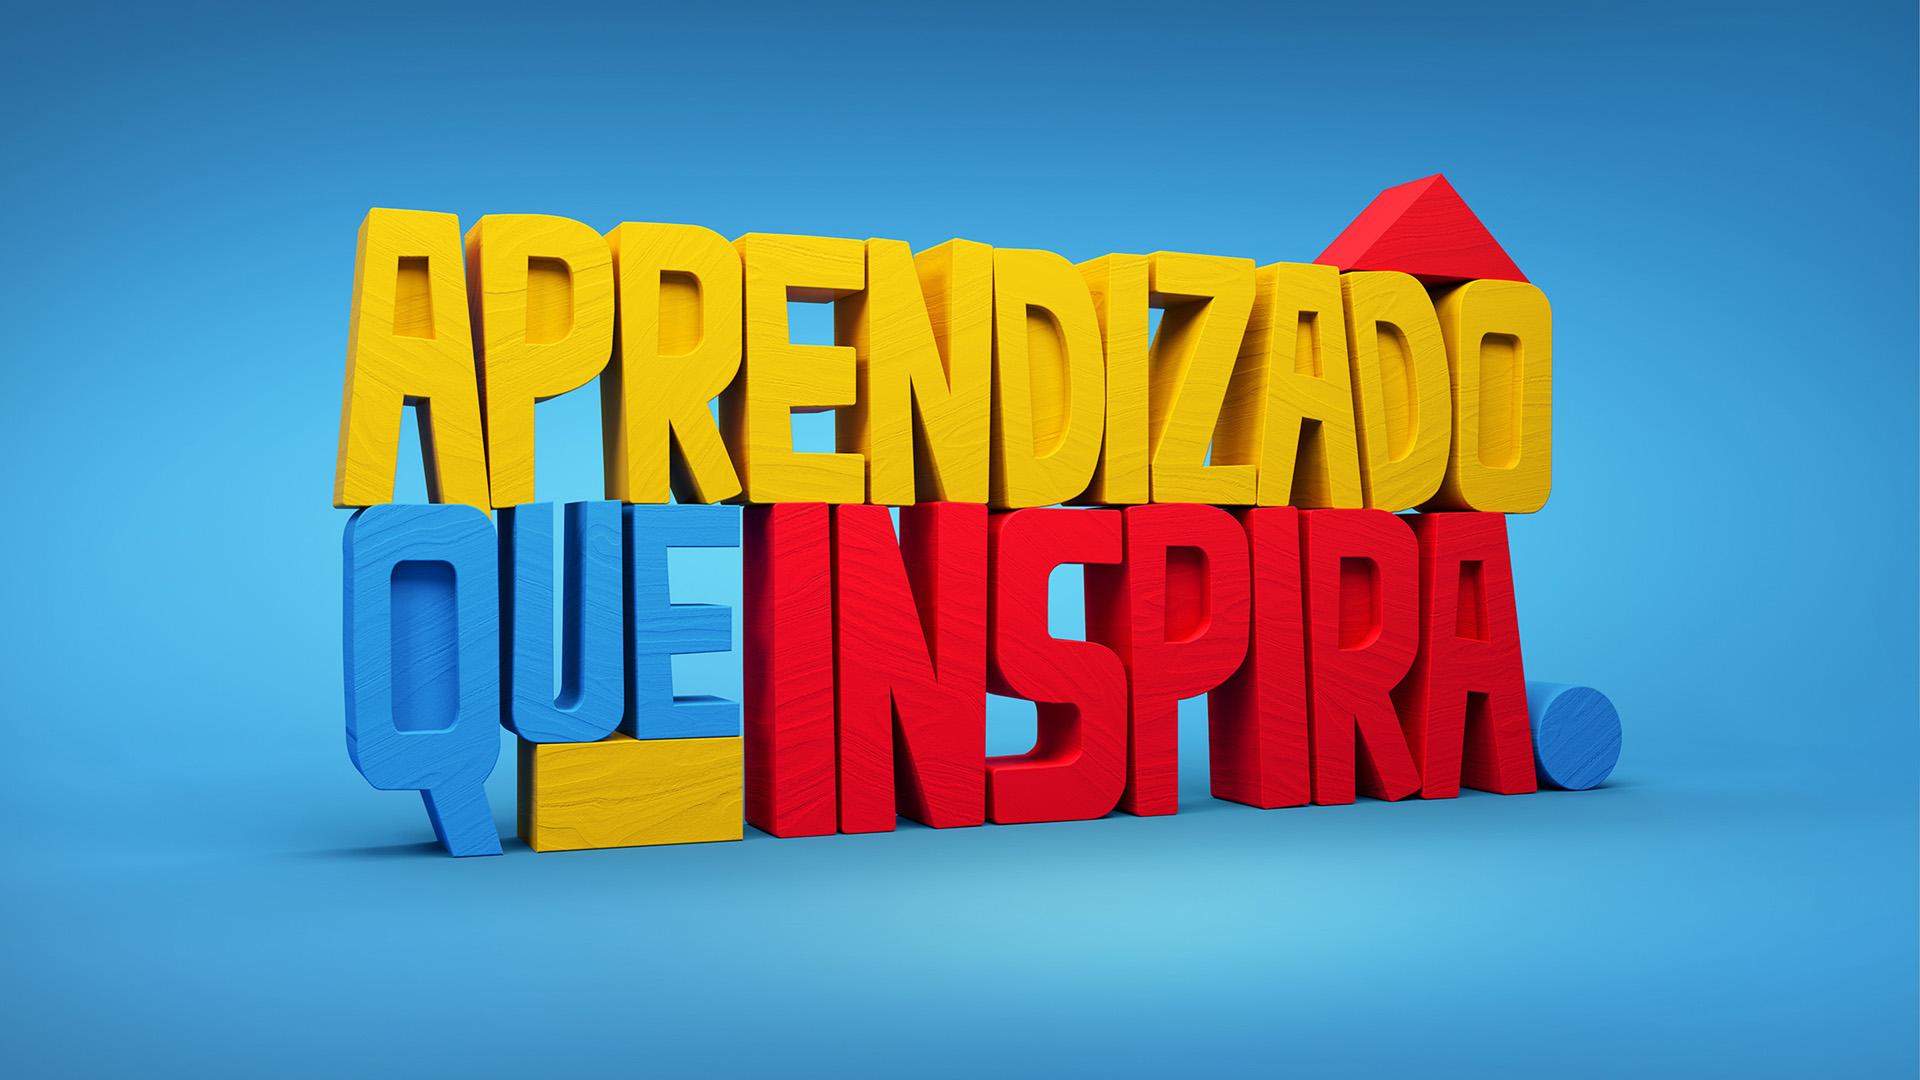 ARTE_Aprendizado_que_inspira_v3